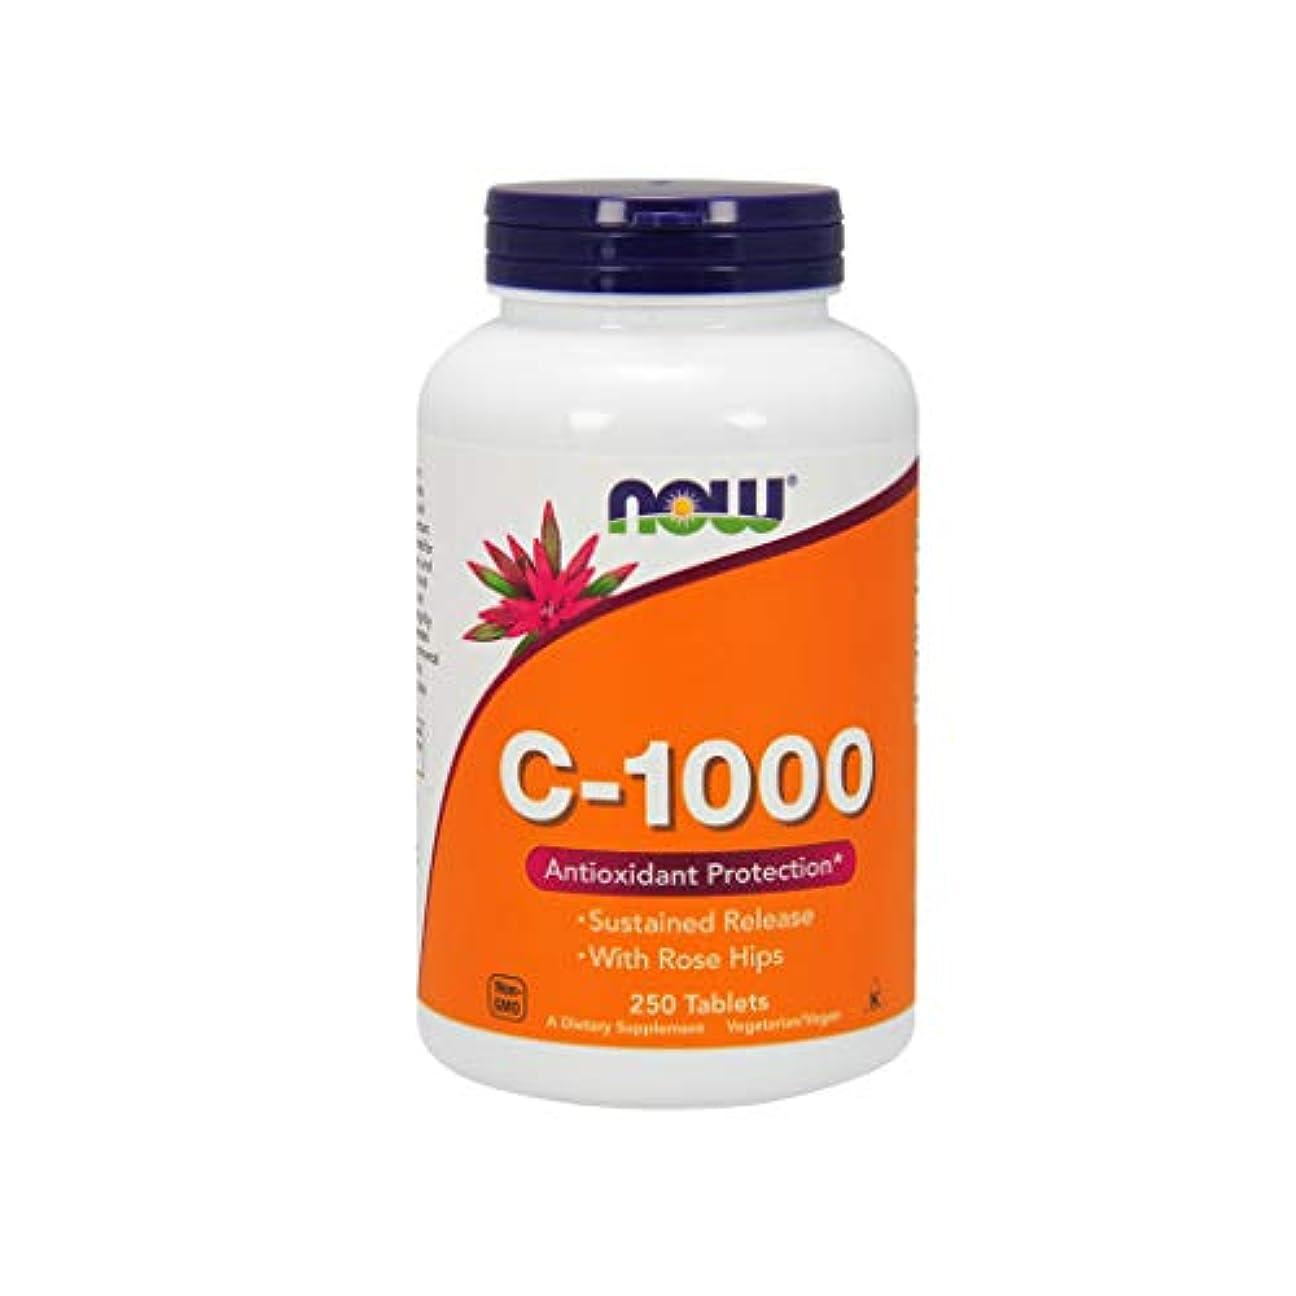 世界的に意識的メイエラ[海外直送品] ナウフーズ  - バラの実が付いているビタミンC1000の時間解放 - 250錠剤